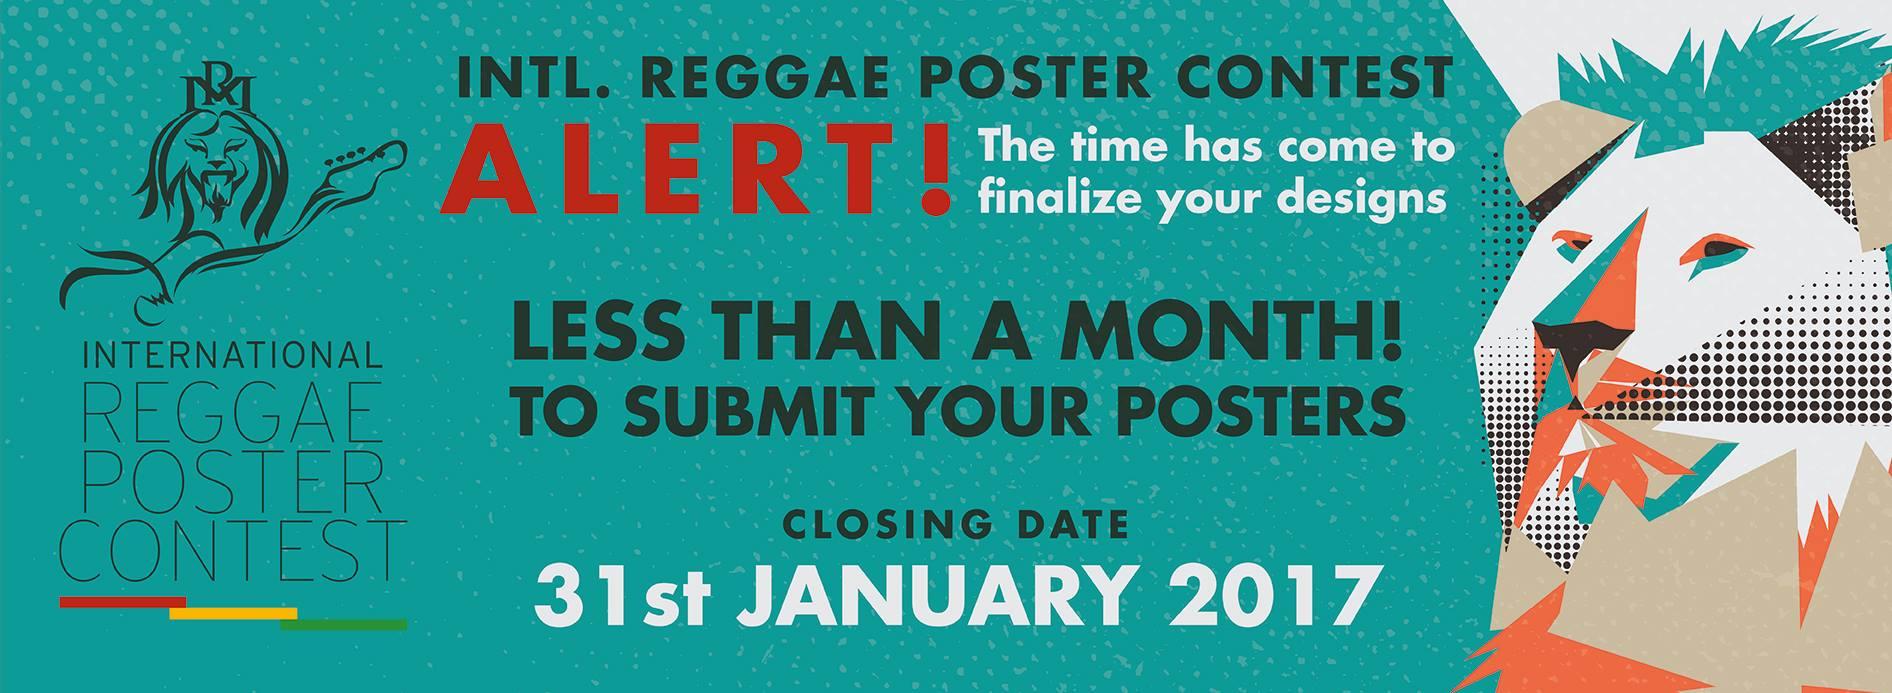 INT. REGGAE POSTER CONTEST | ALERT!